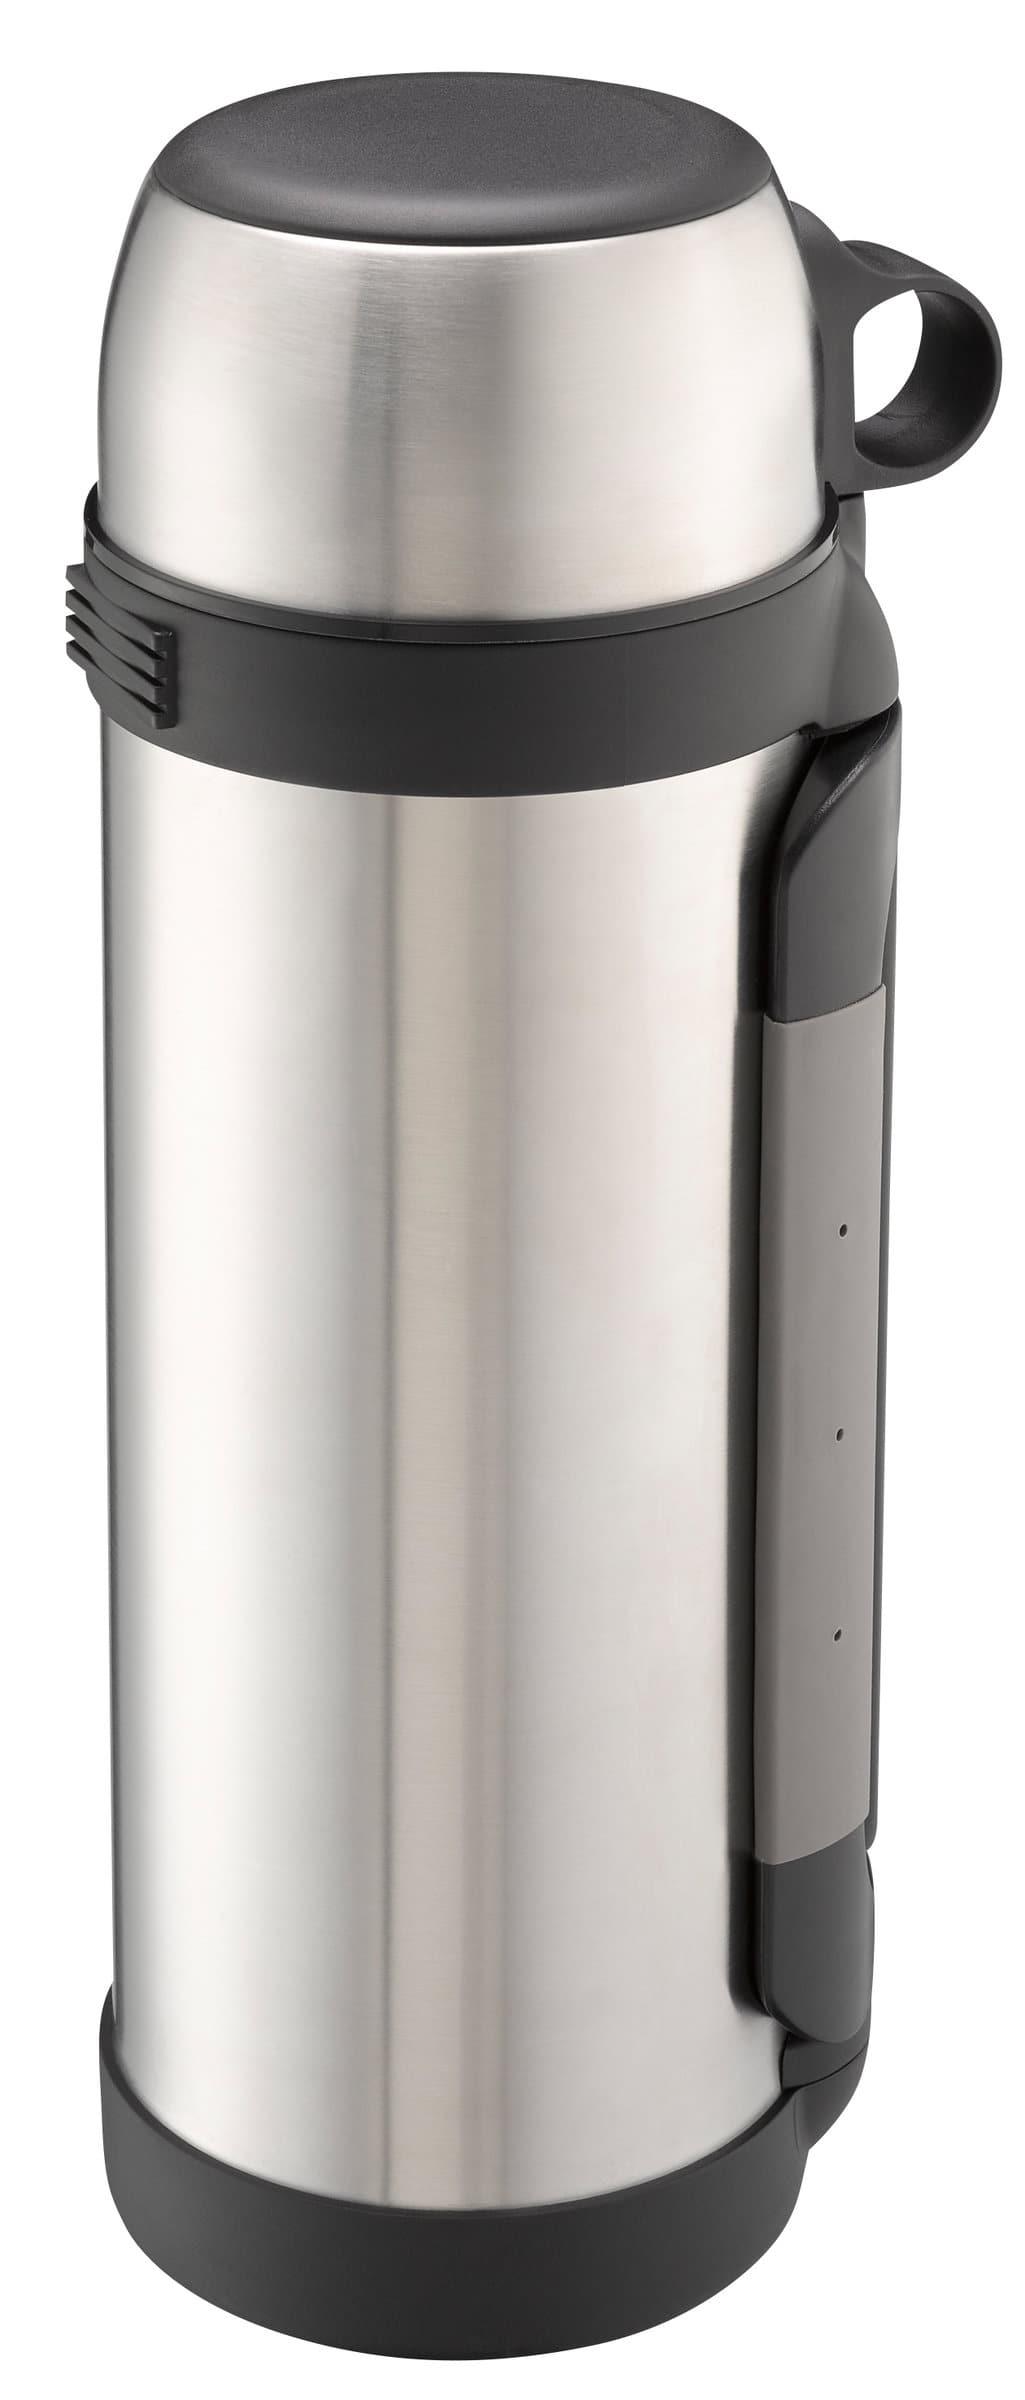 Cucina & Tavola Bottiglia termica 1.7L